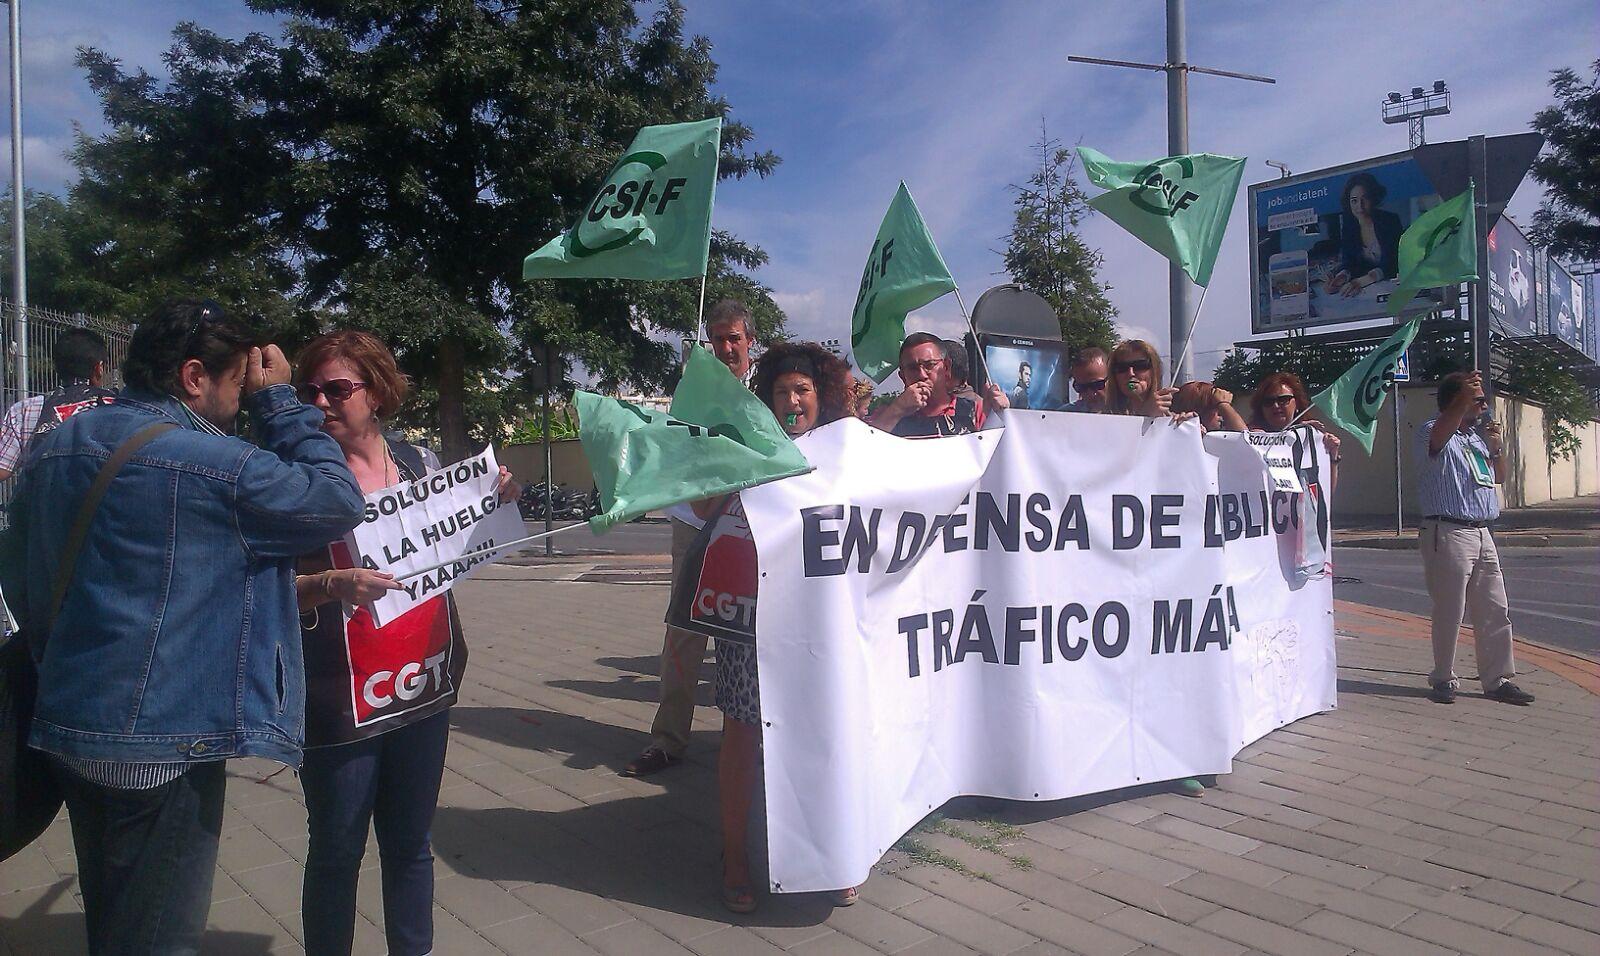 Asociaci n de examinadores de tr fico protestas de - Oficina de trafico en malaga ...